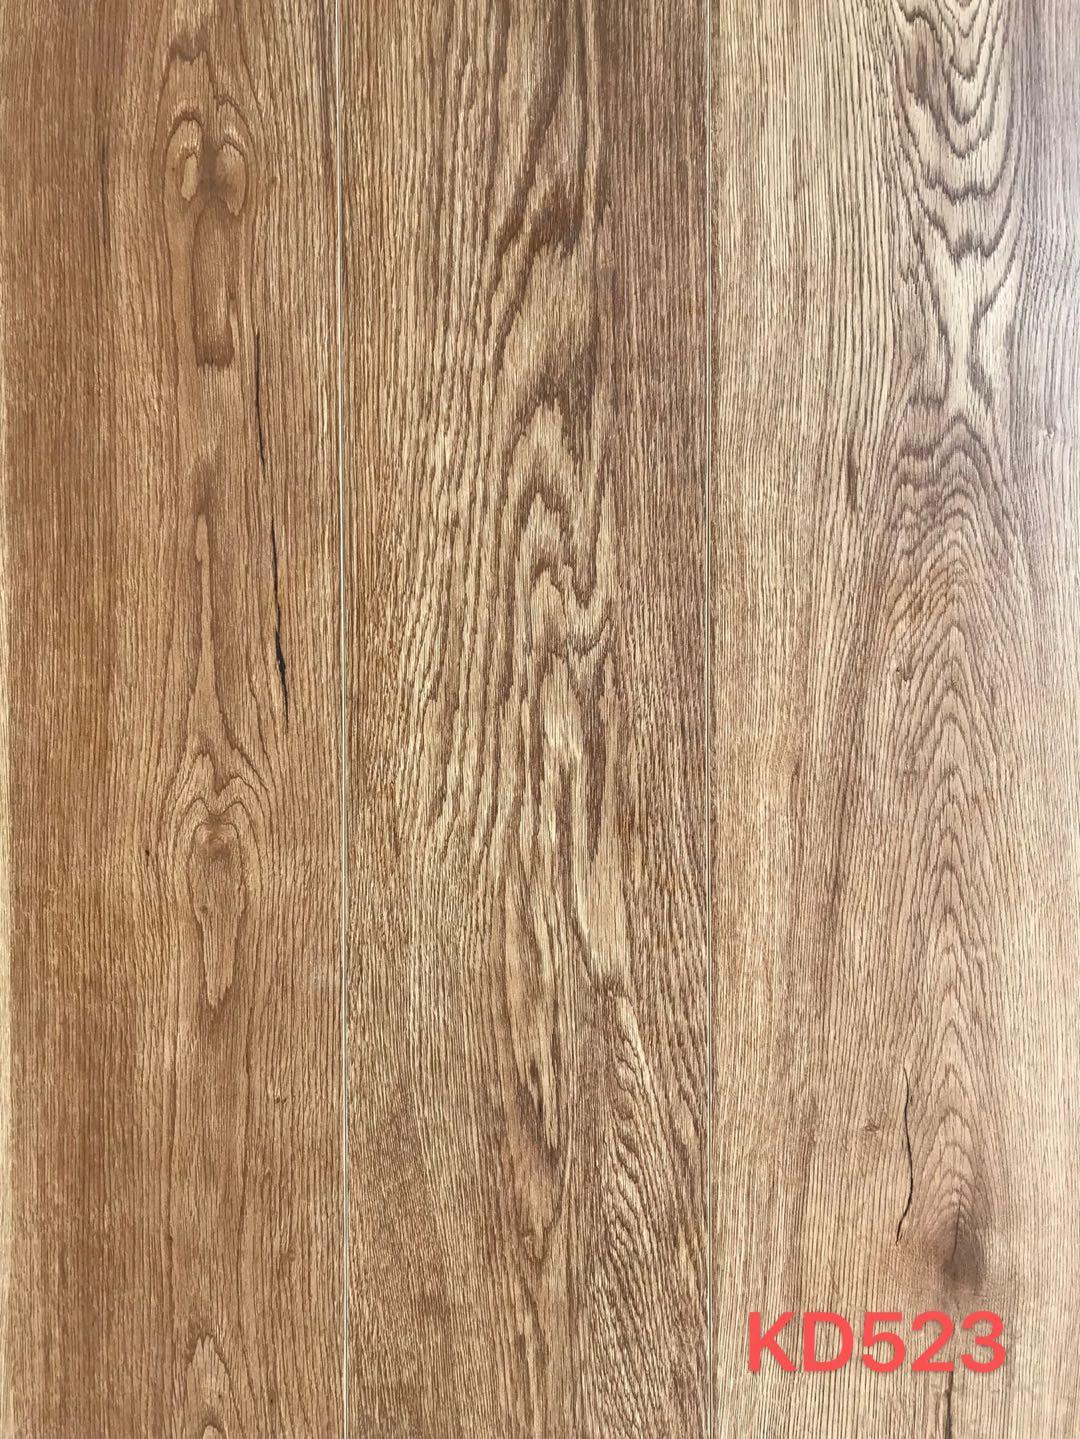 多层实木复合地板7